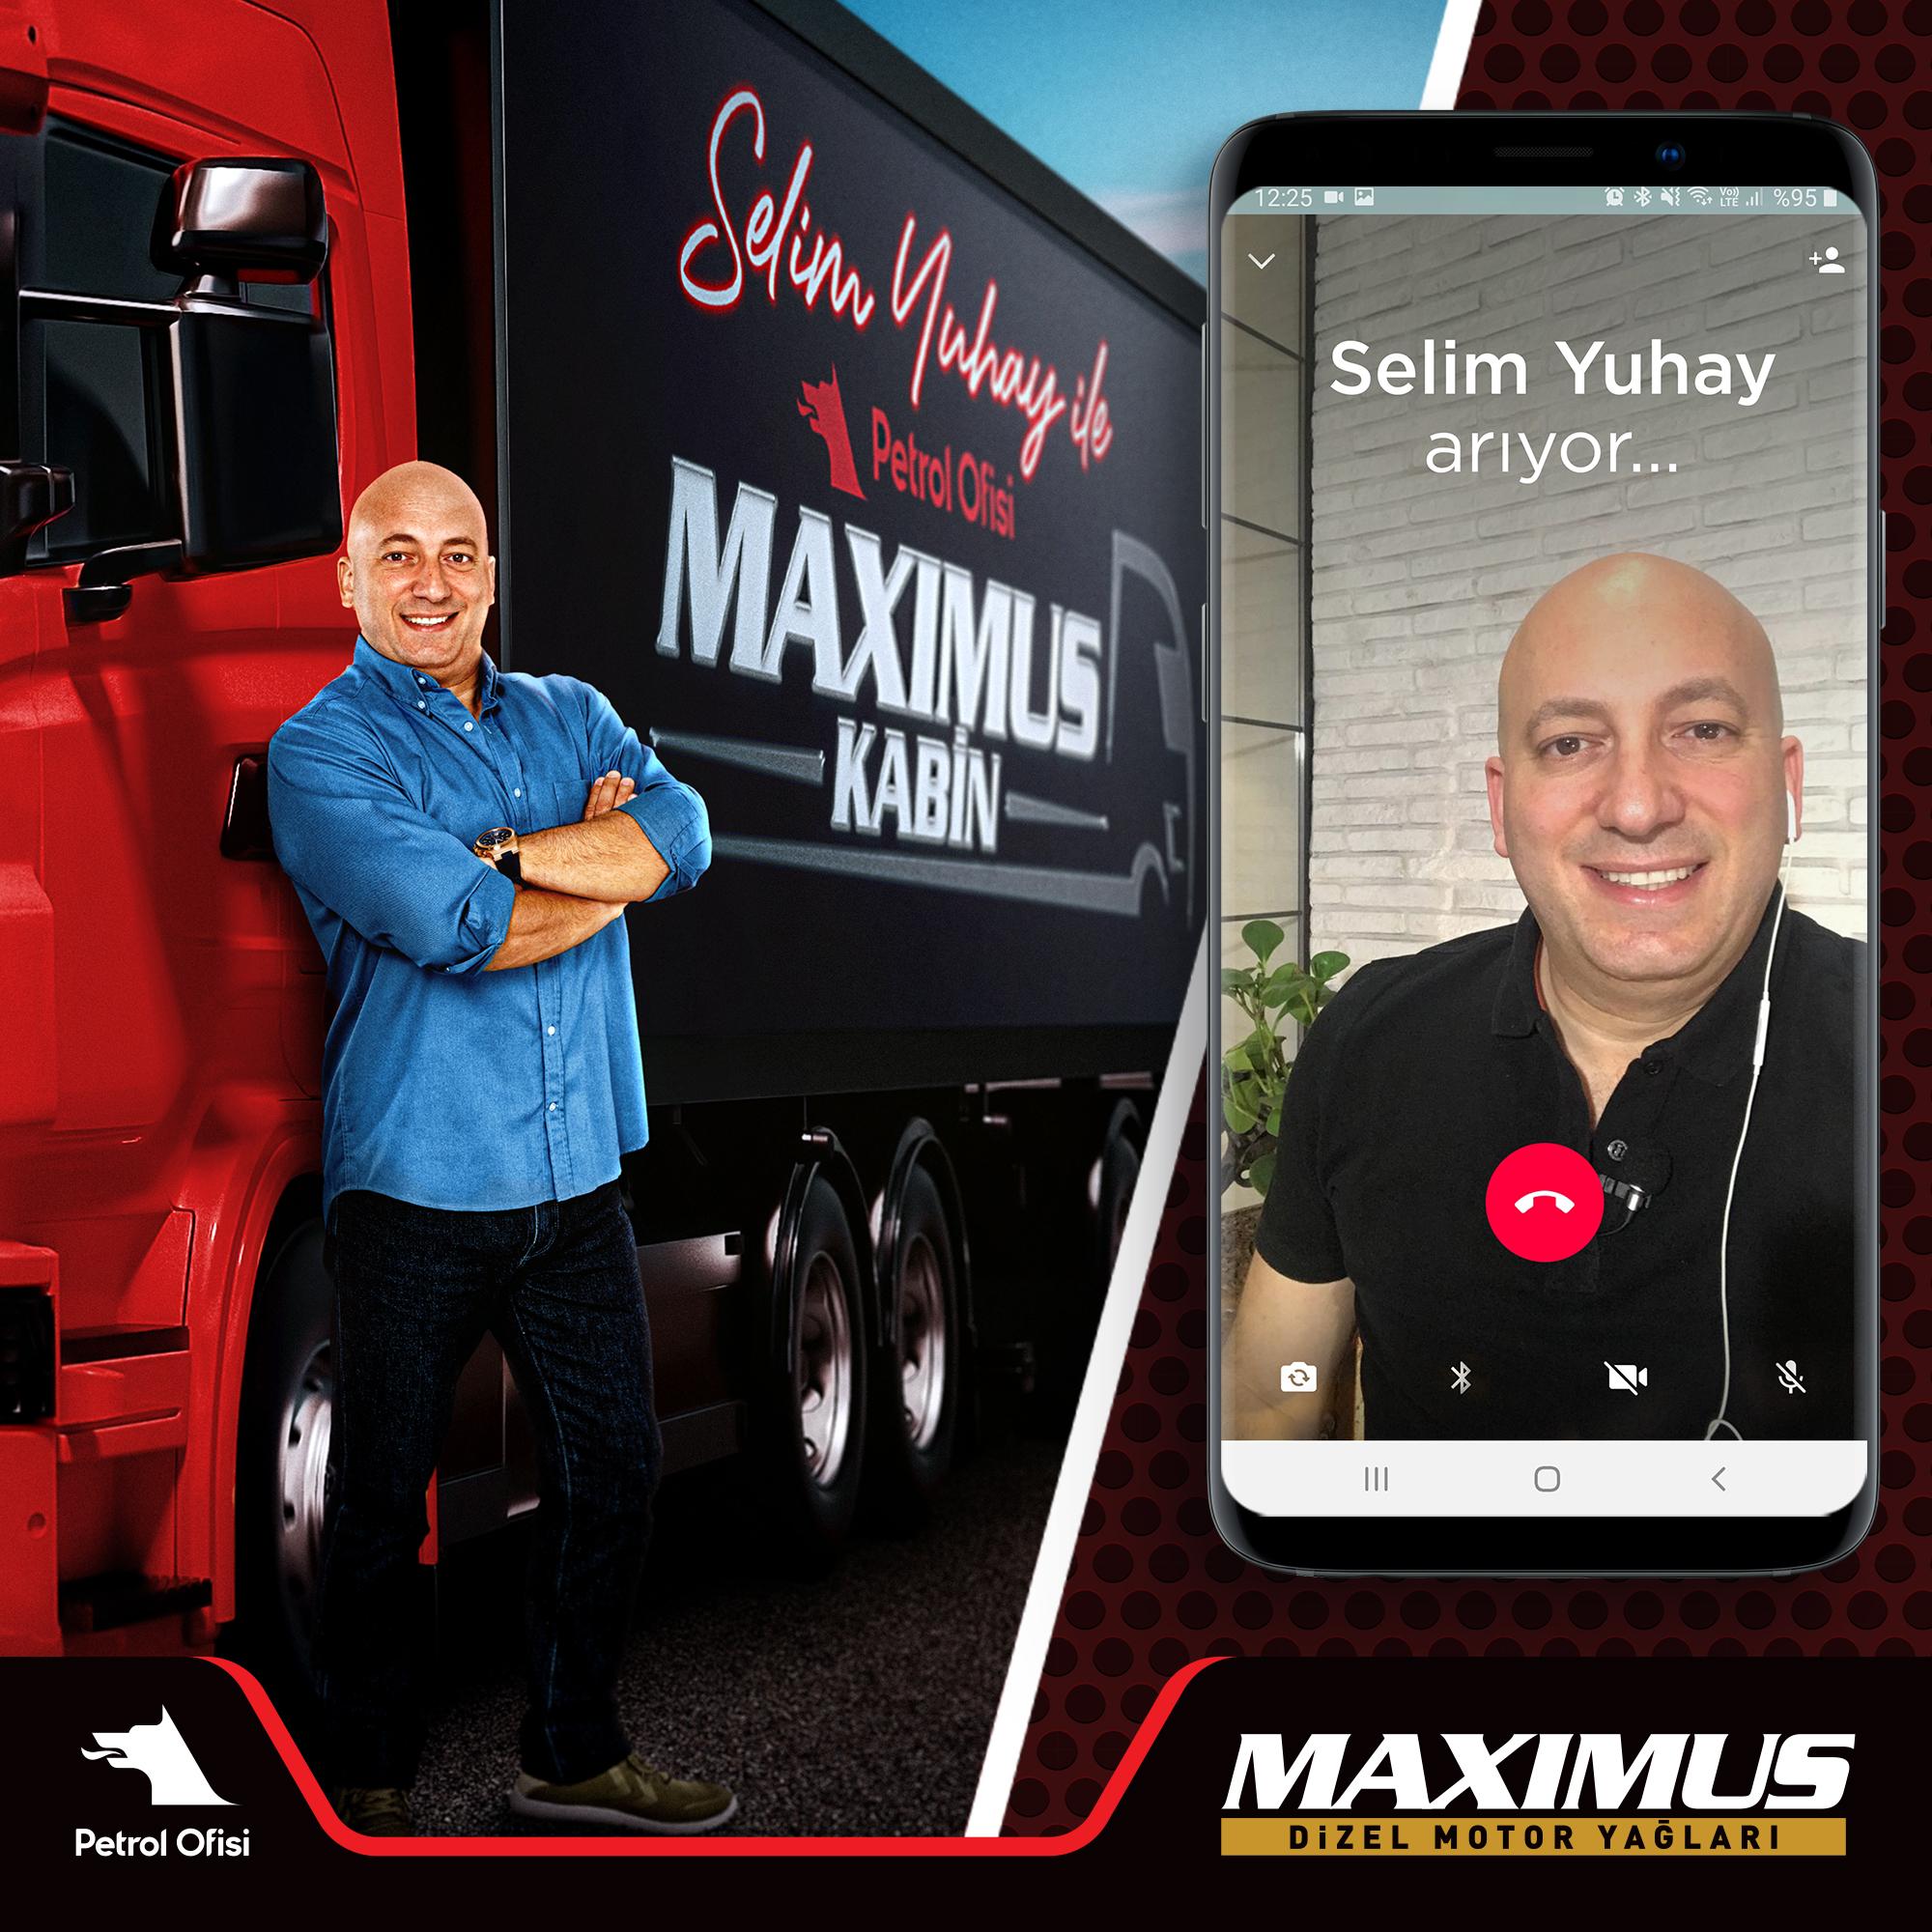 maximus_selim_yuhay_-(2).jpg